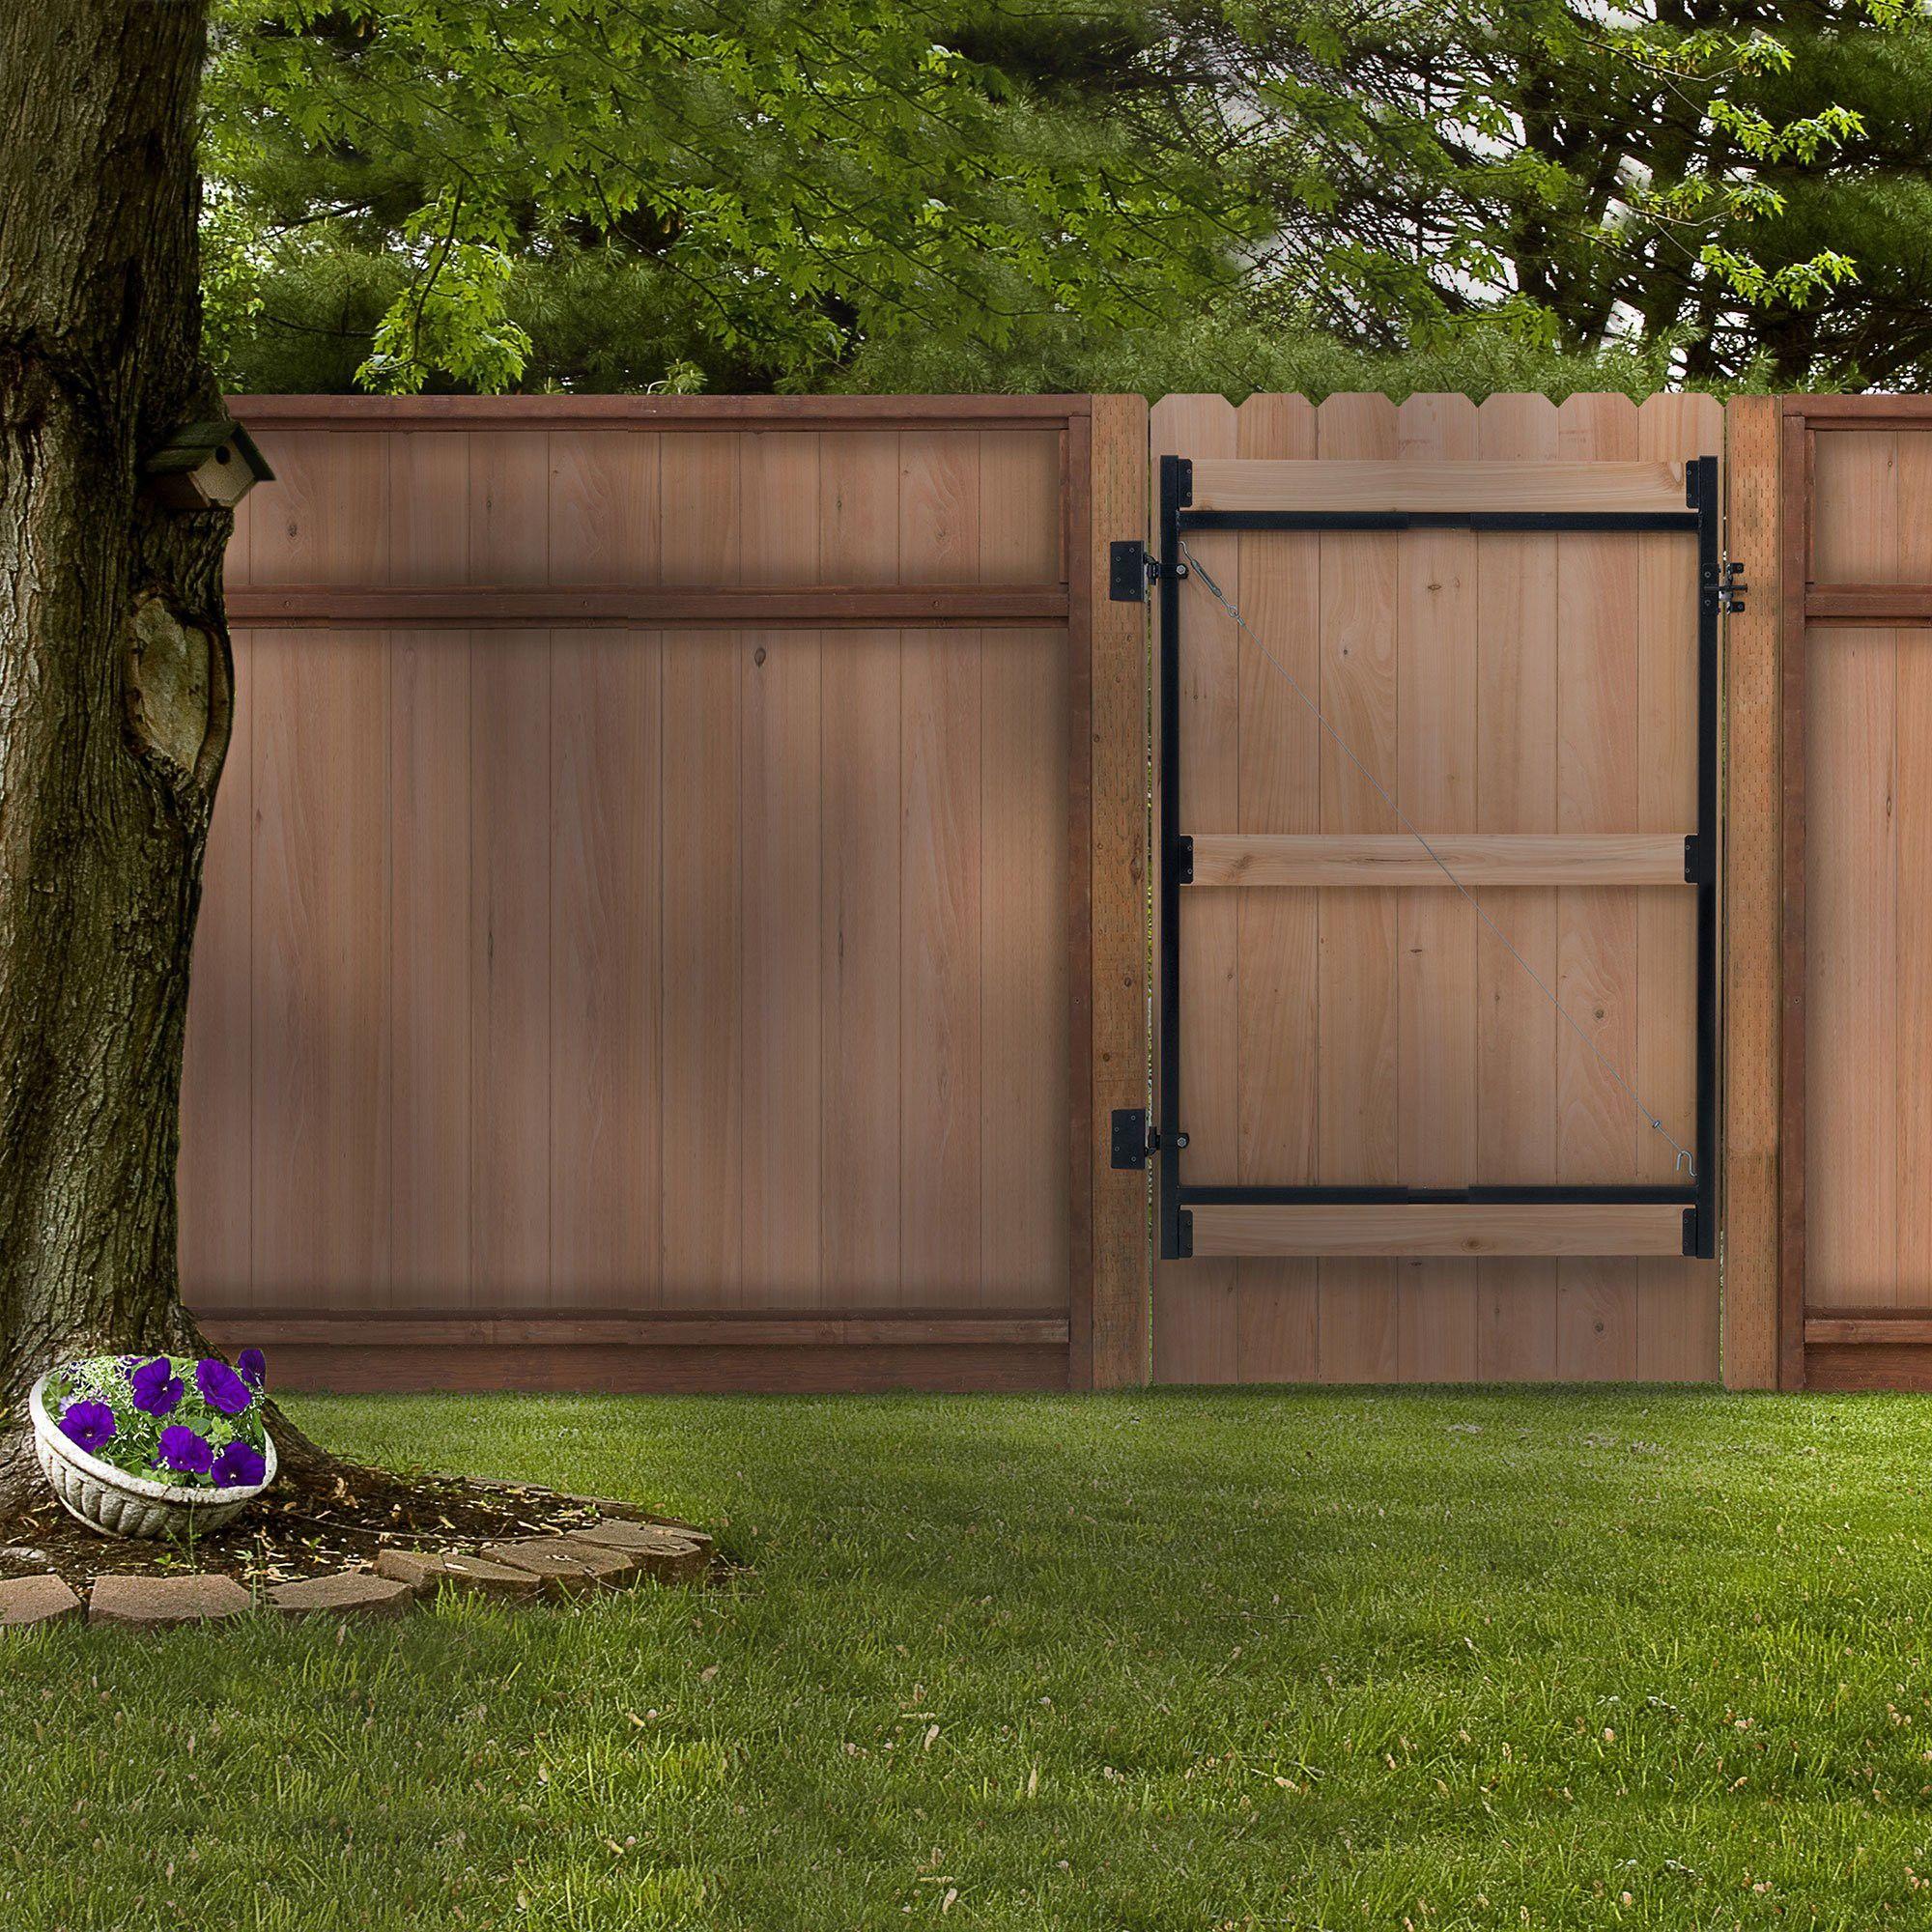 Gate Frame Kit Adjust-A-Gate Steel Hardware Pack Frame Bars Latch Set 36-60 in